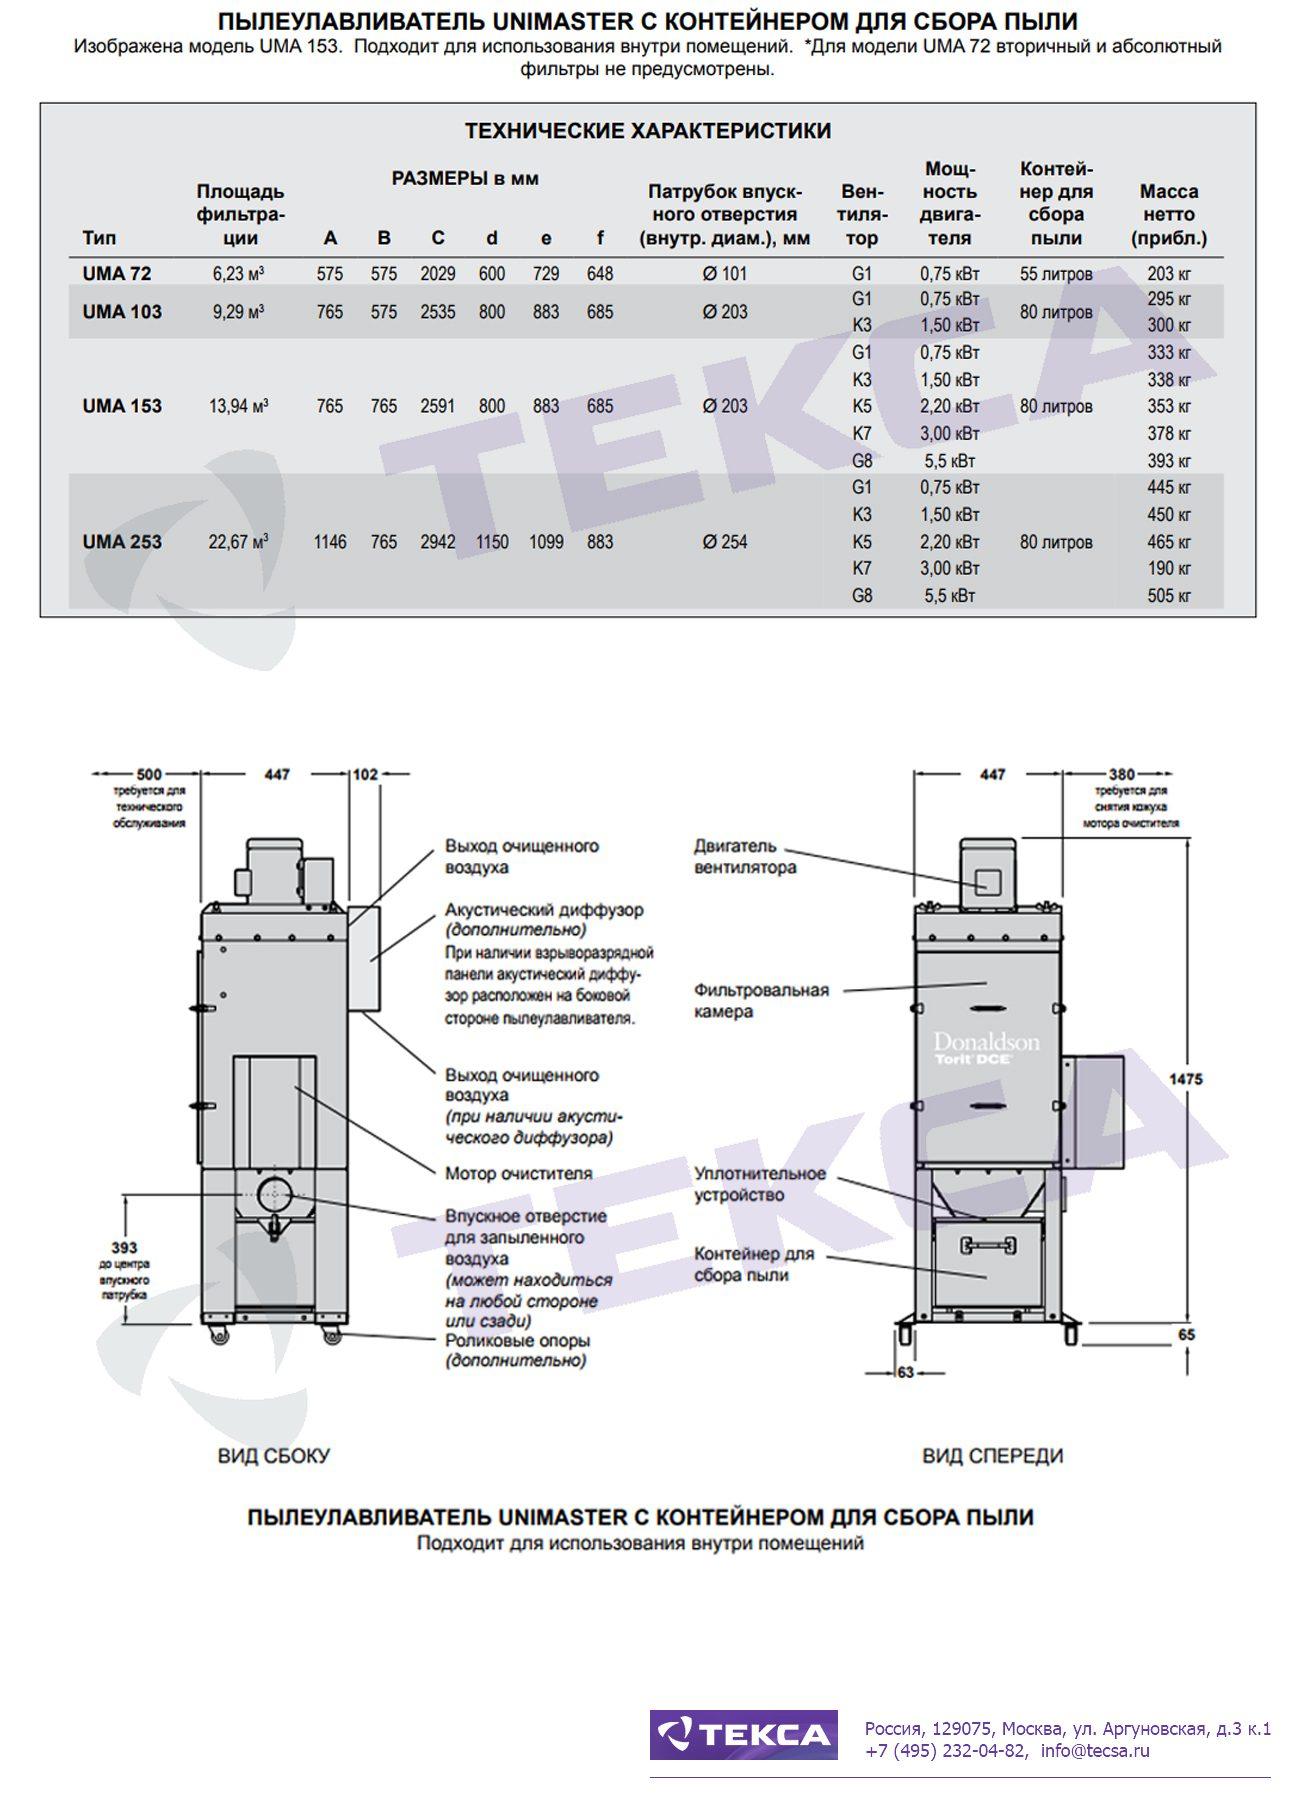 Технические характеристики рукавных пылеулавливателей серии Unimaster